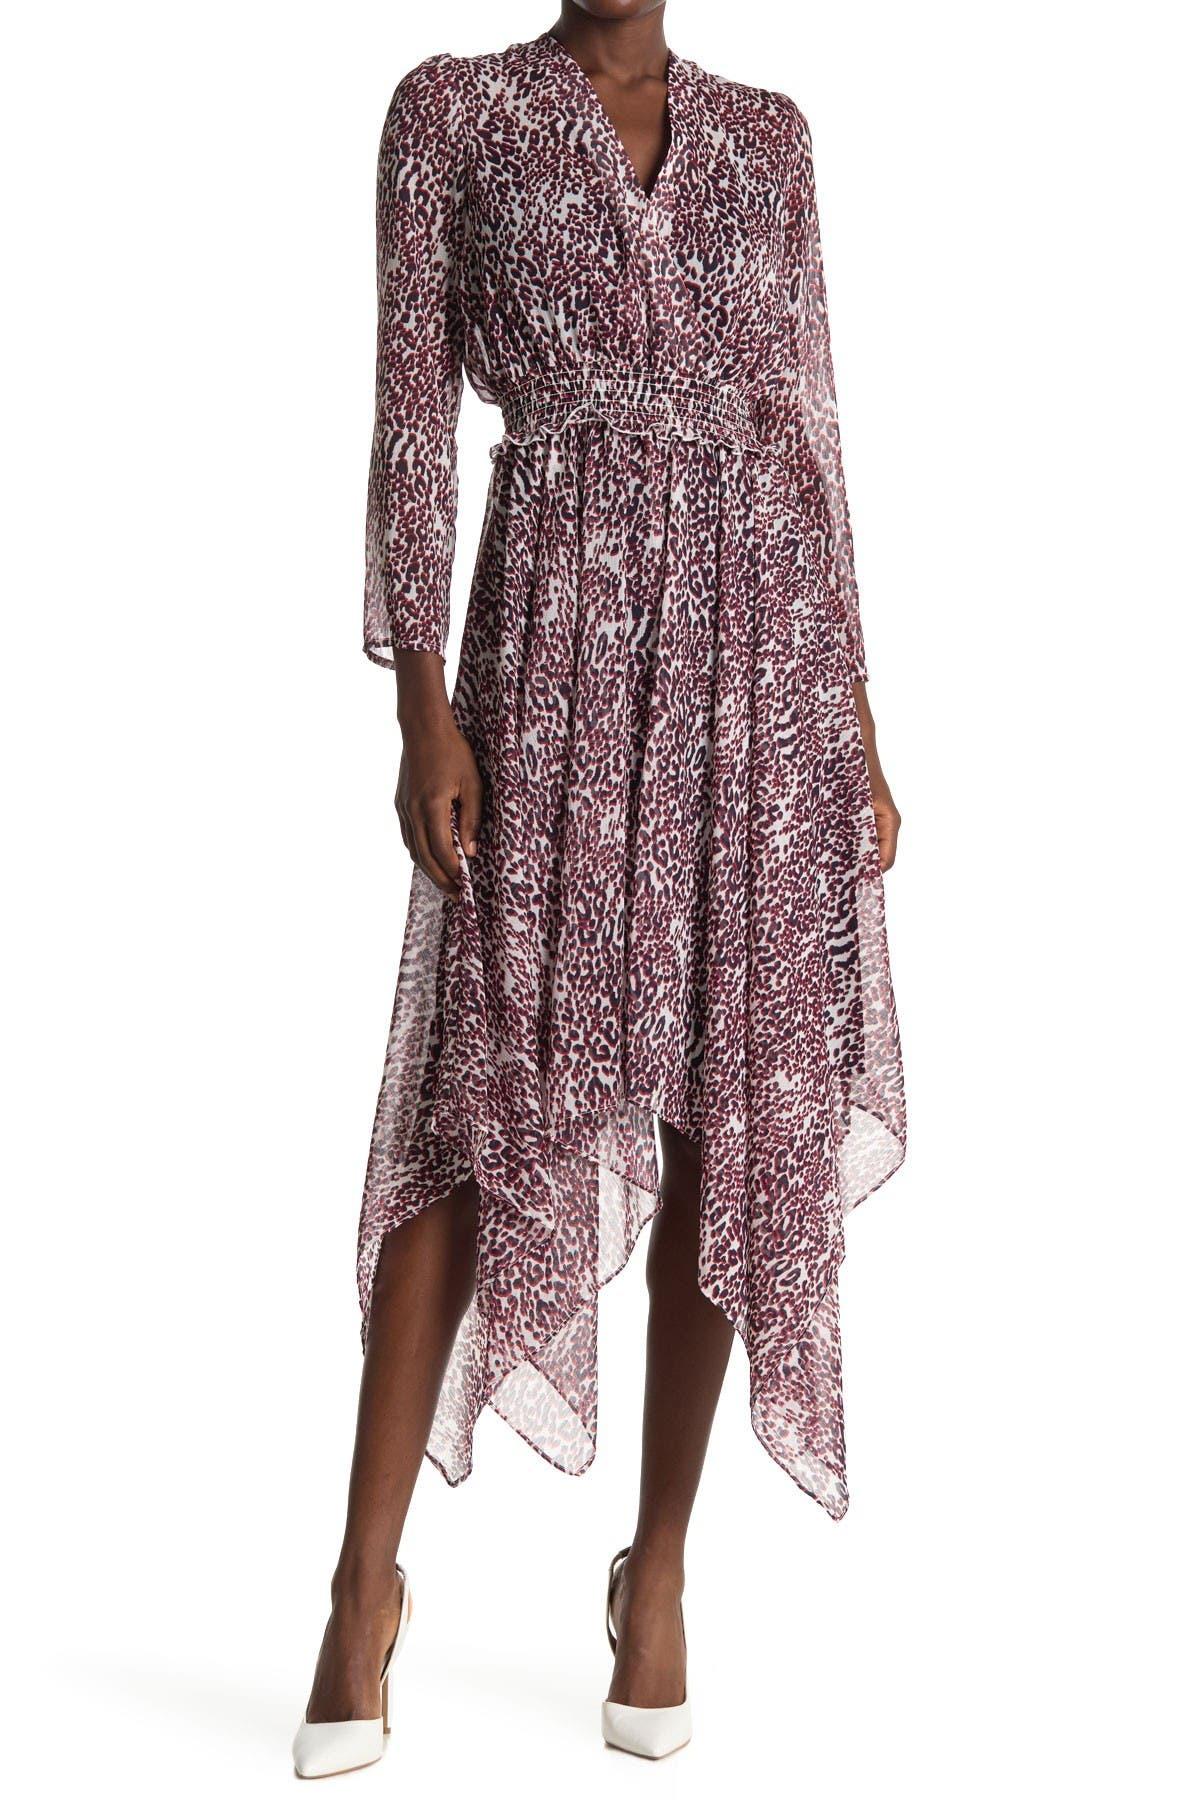 Image of Tommy Hilfiger Leopard Print Handkerchief Hem Midi Dress